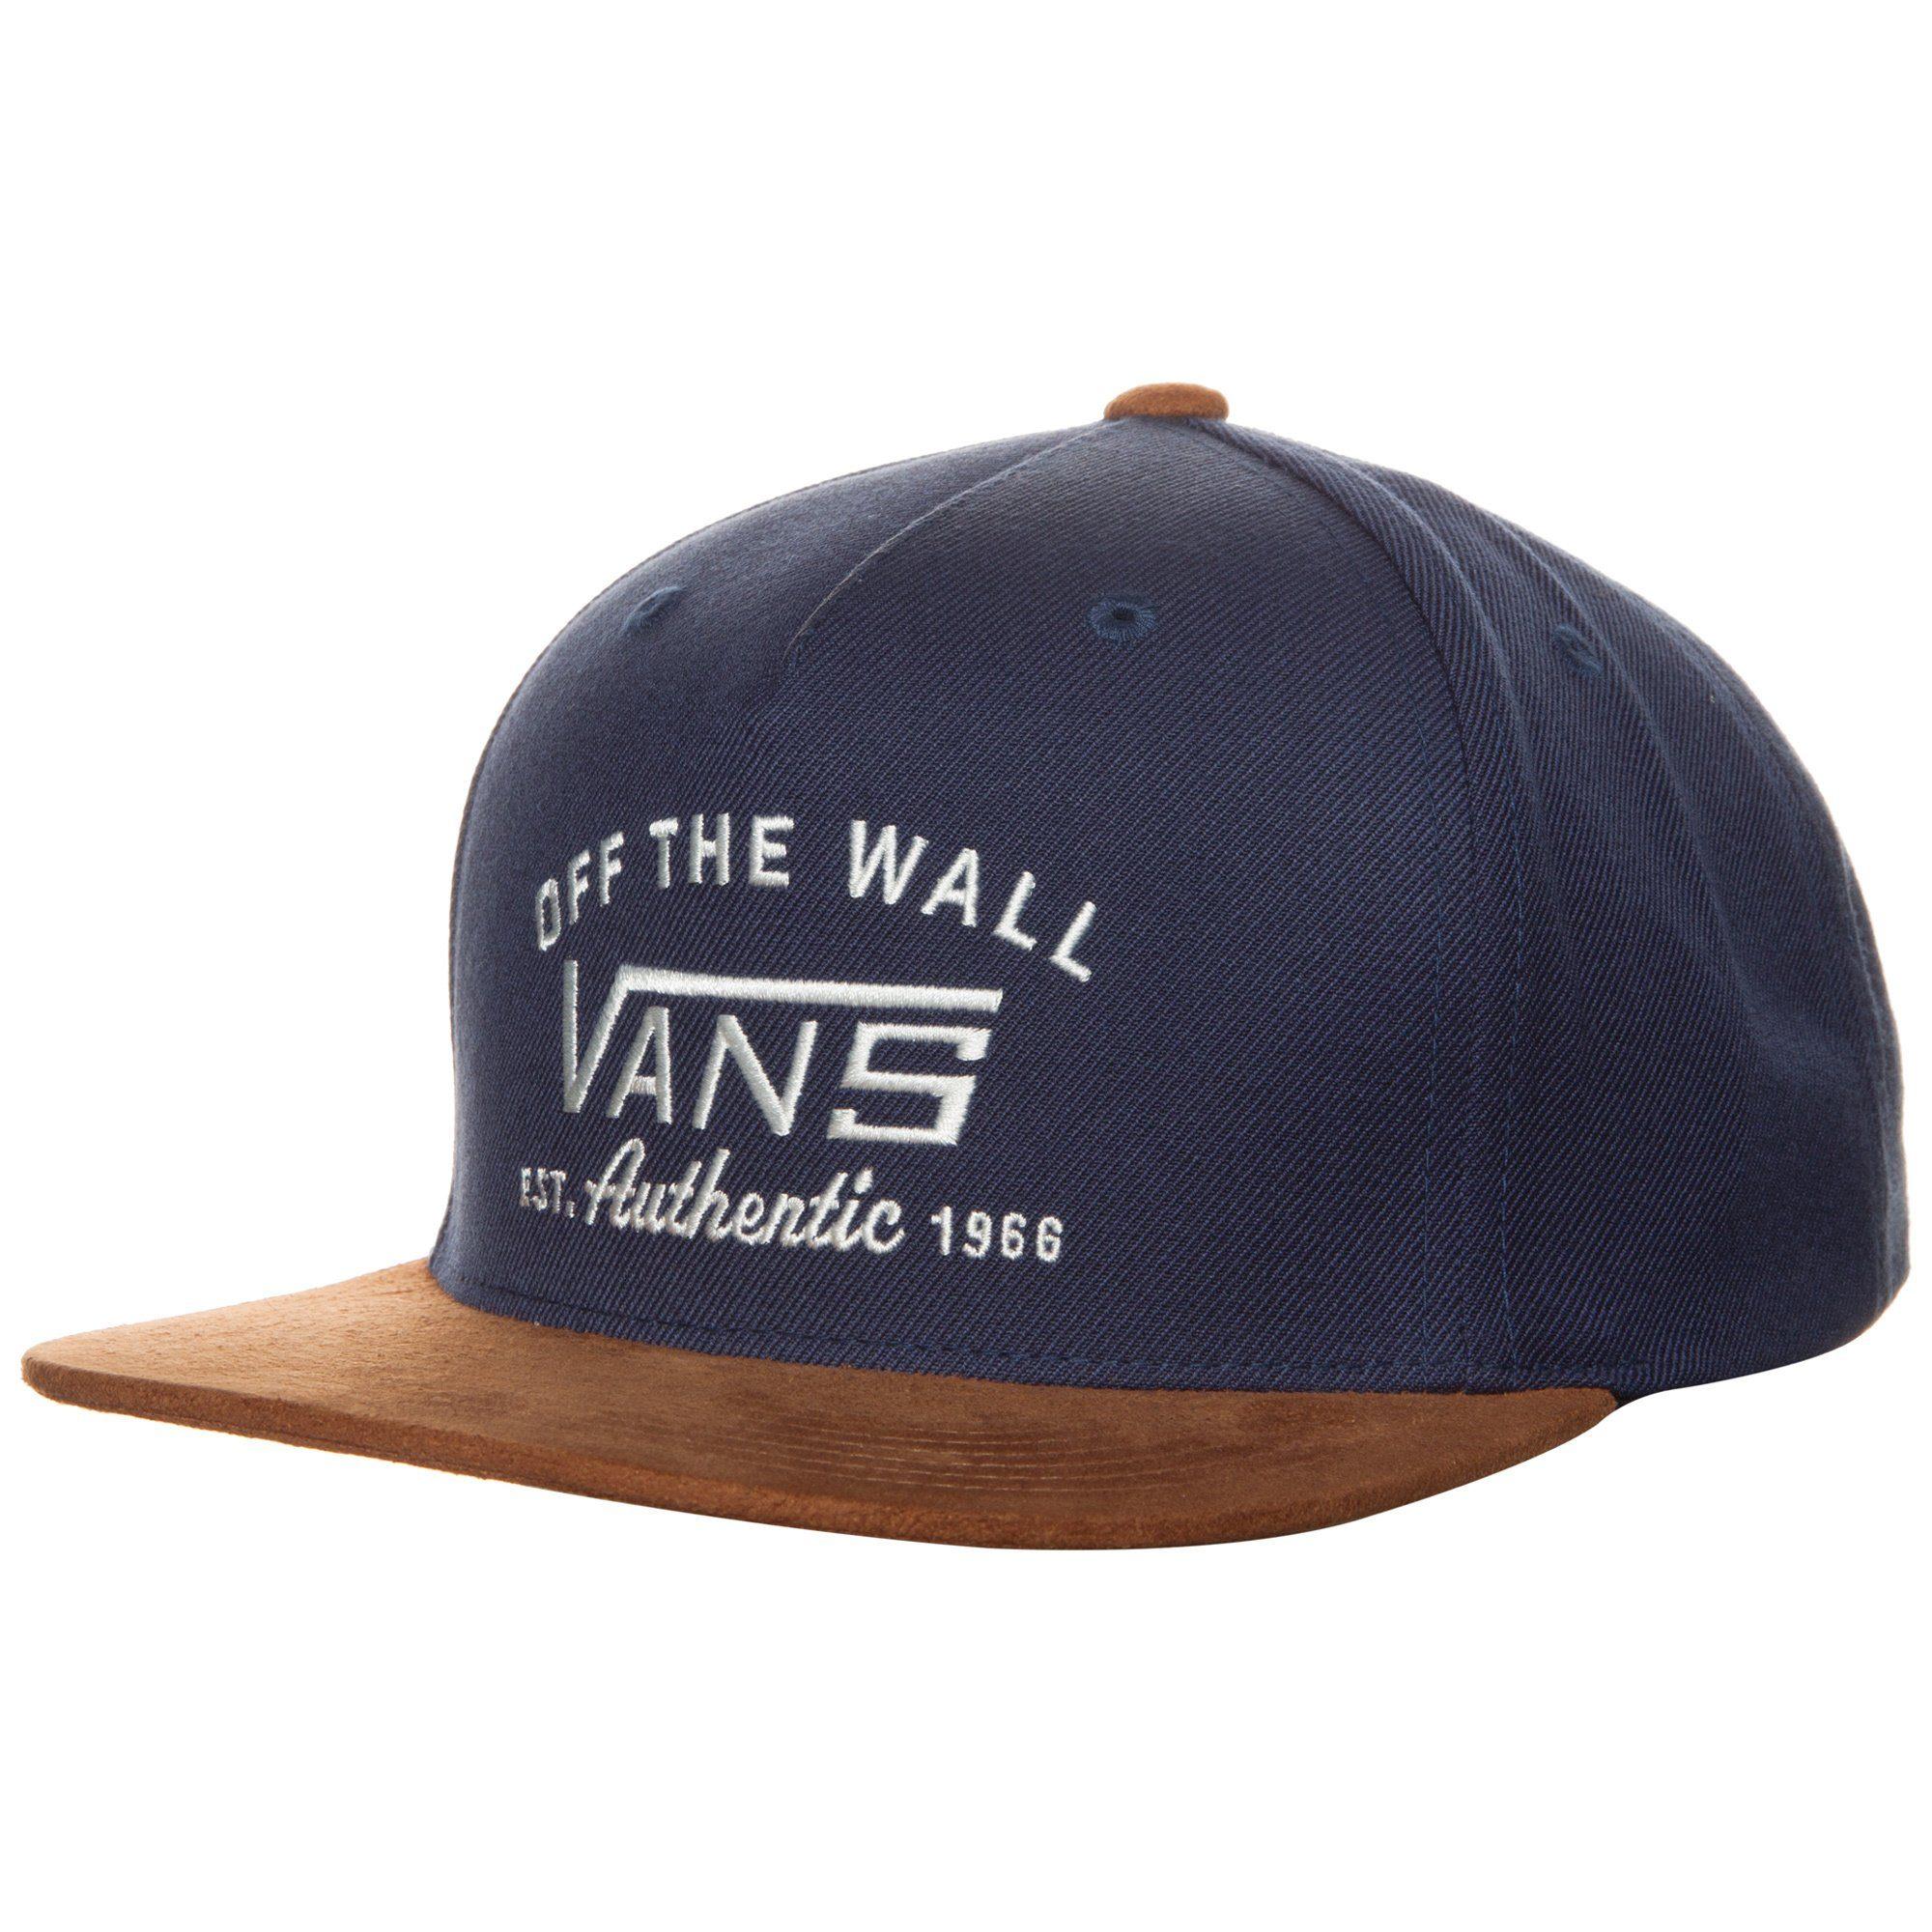 VANS Authentic Starter Snapback Cap